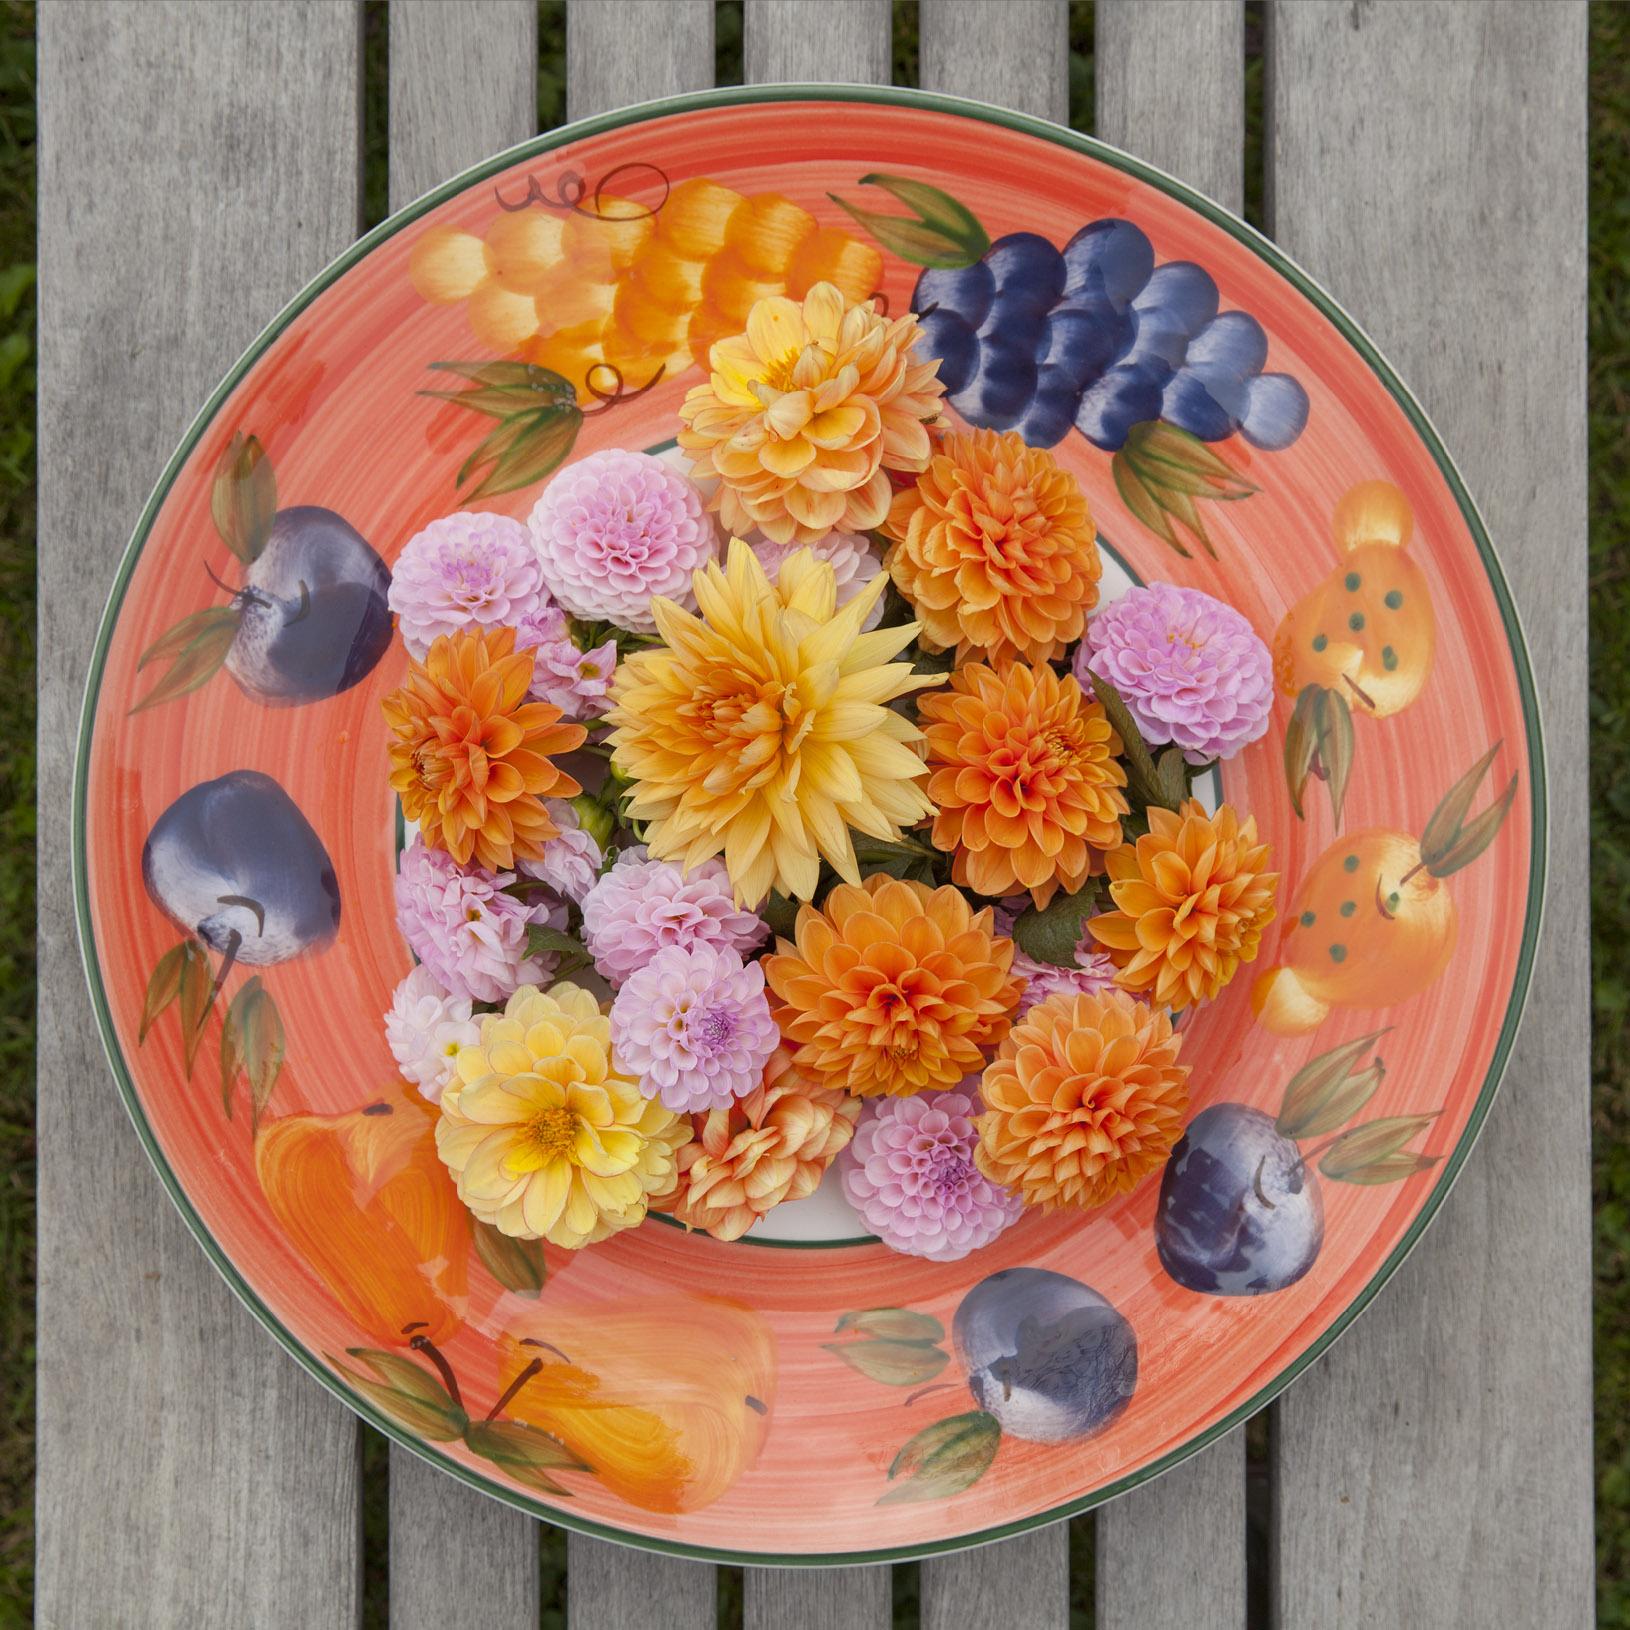 Dahlias In a Bowl On Teak Table